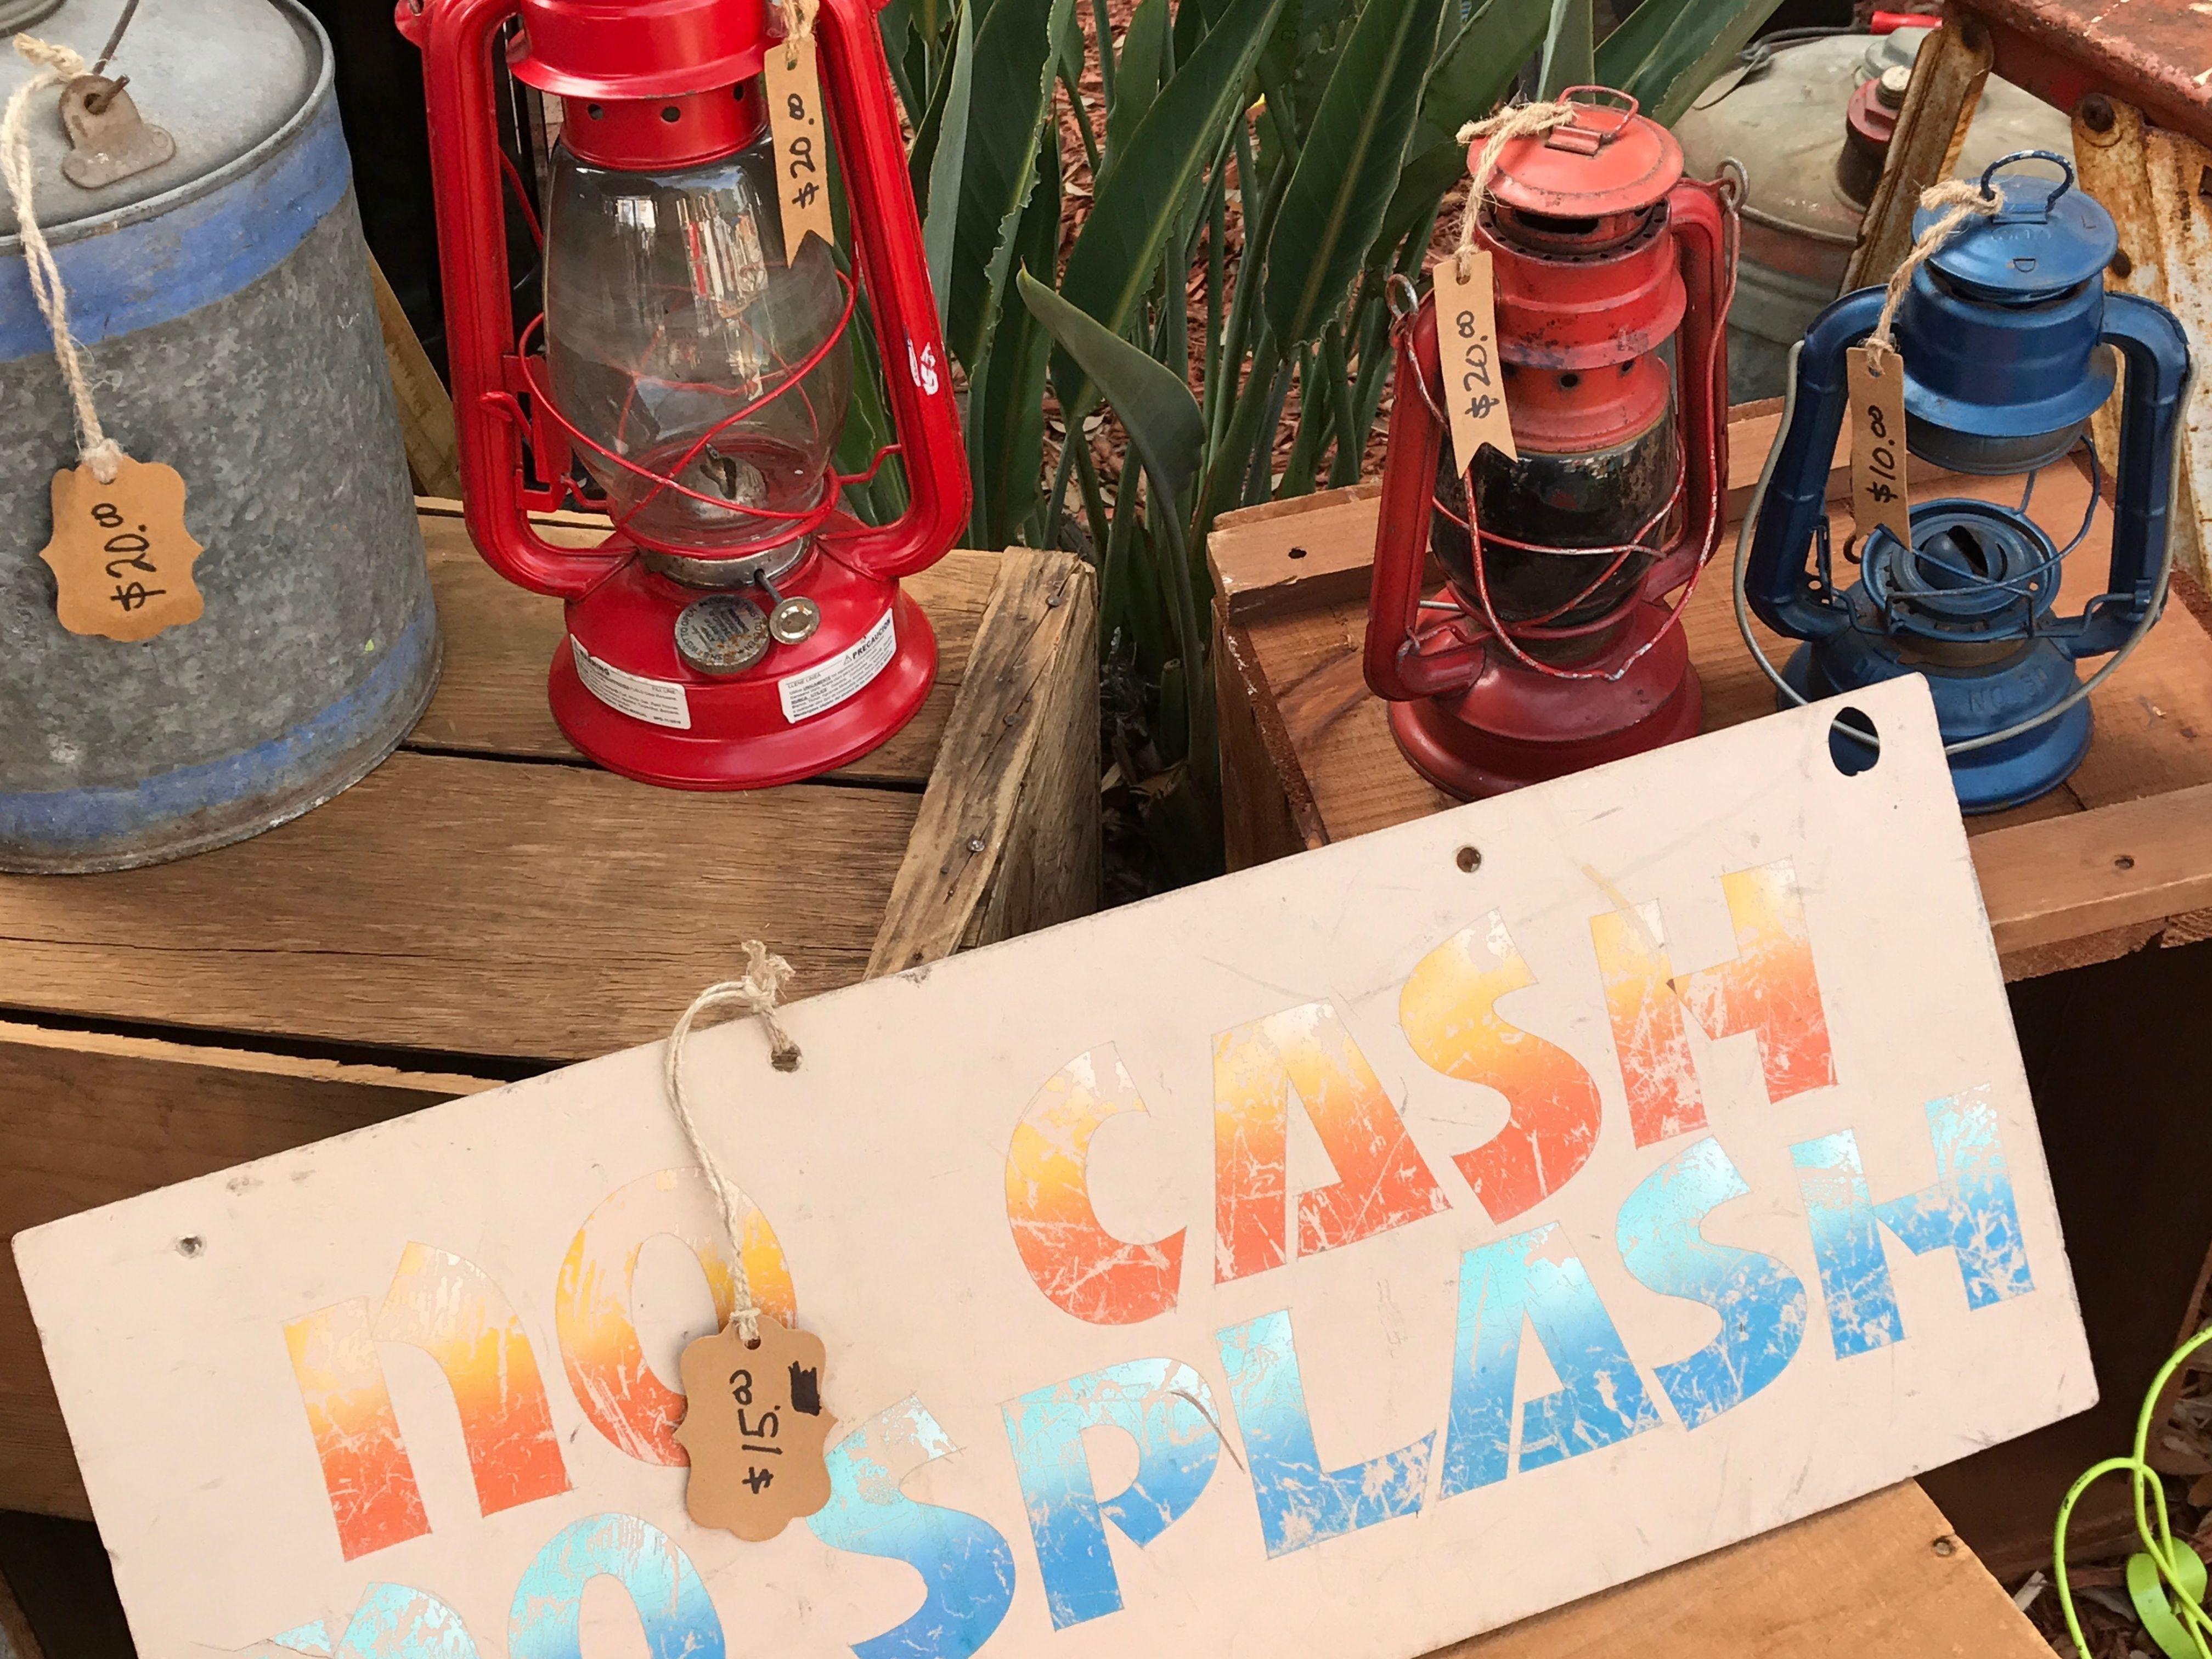 Shabby chic vintage market   artisan day xtmjhq